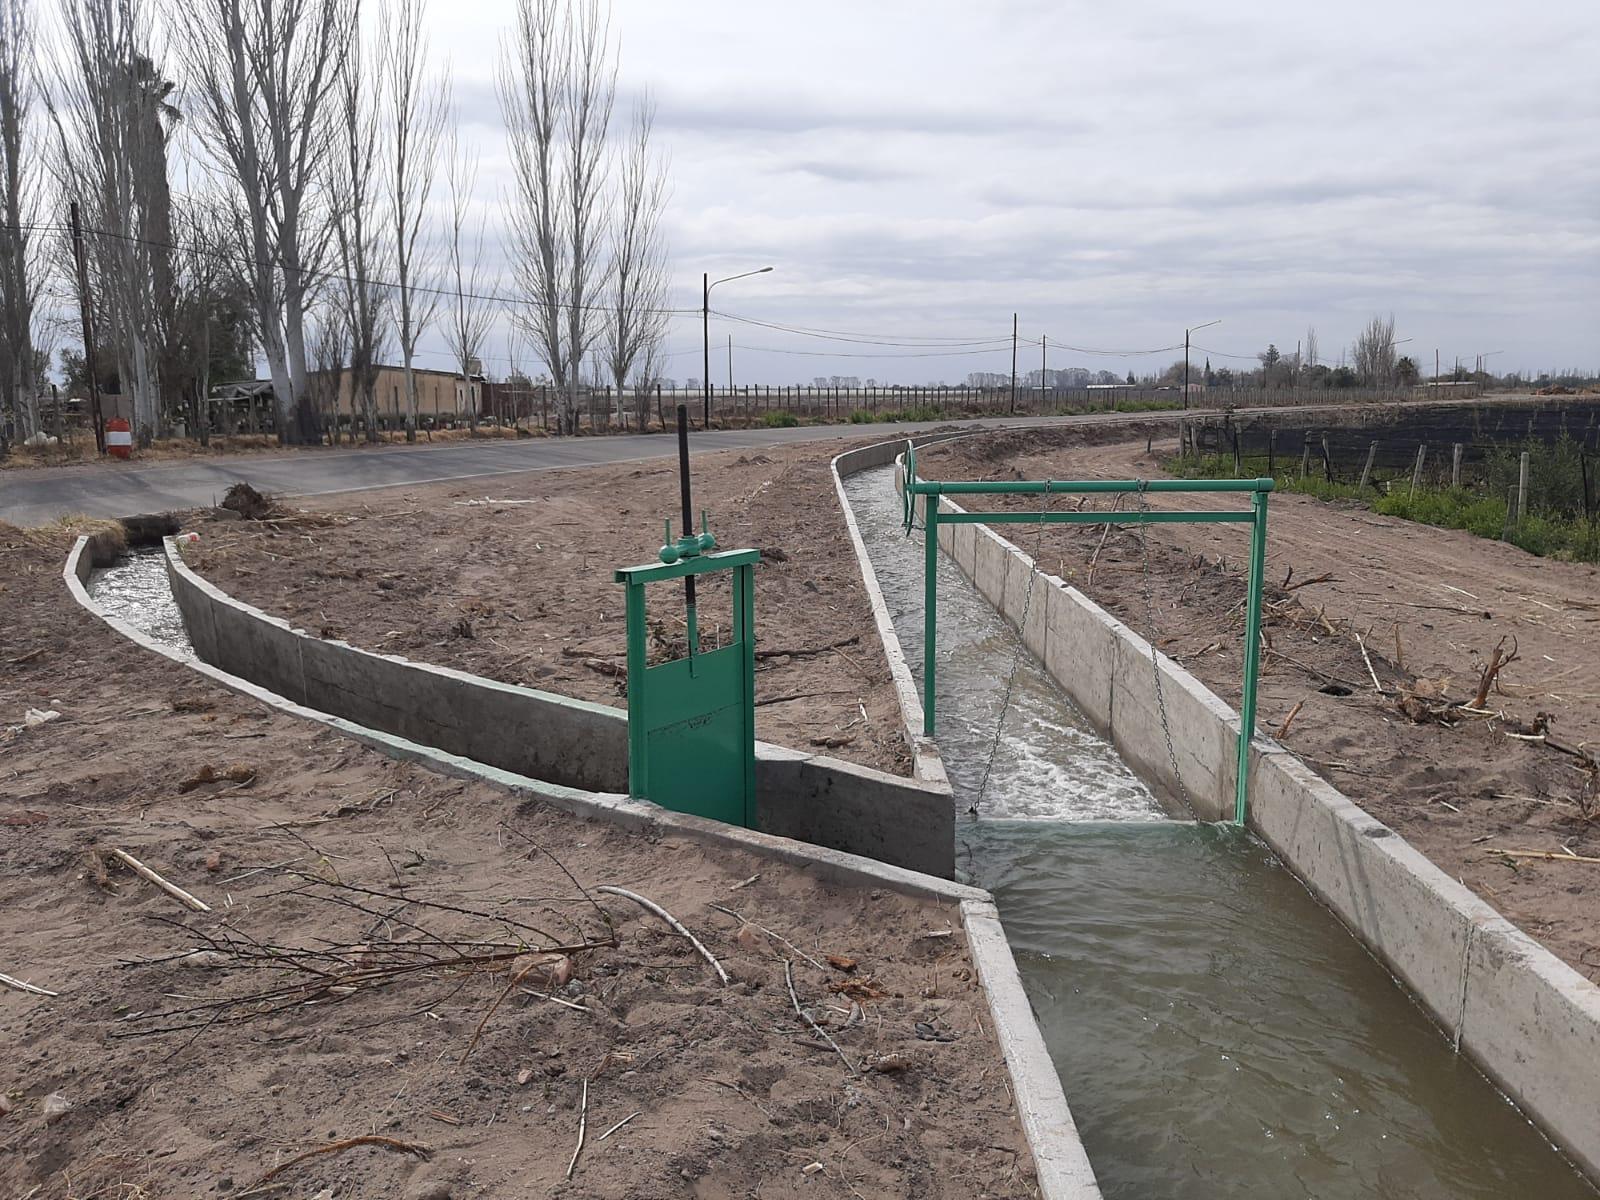 Suárez, Marinelli e intendentes inauguran este viernes una obra de impermeabilización en el Este de Mendoza